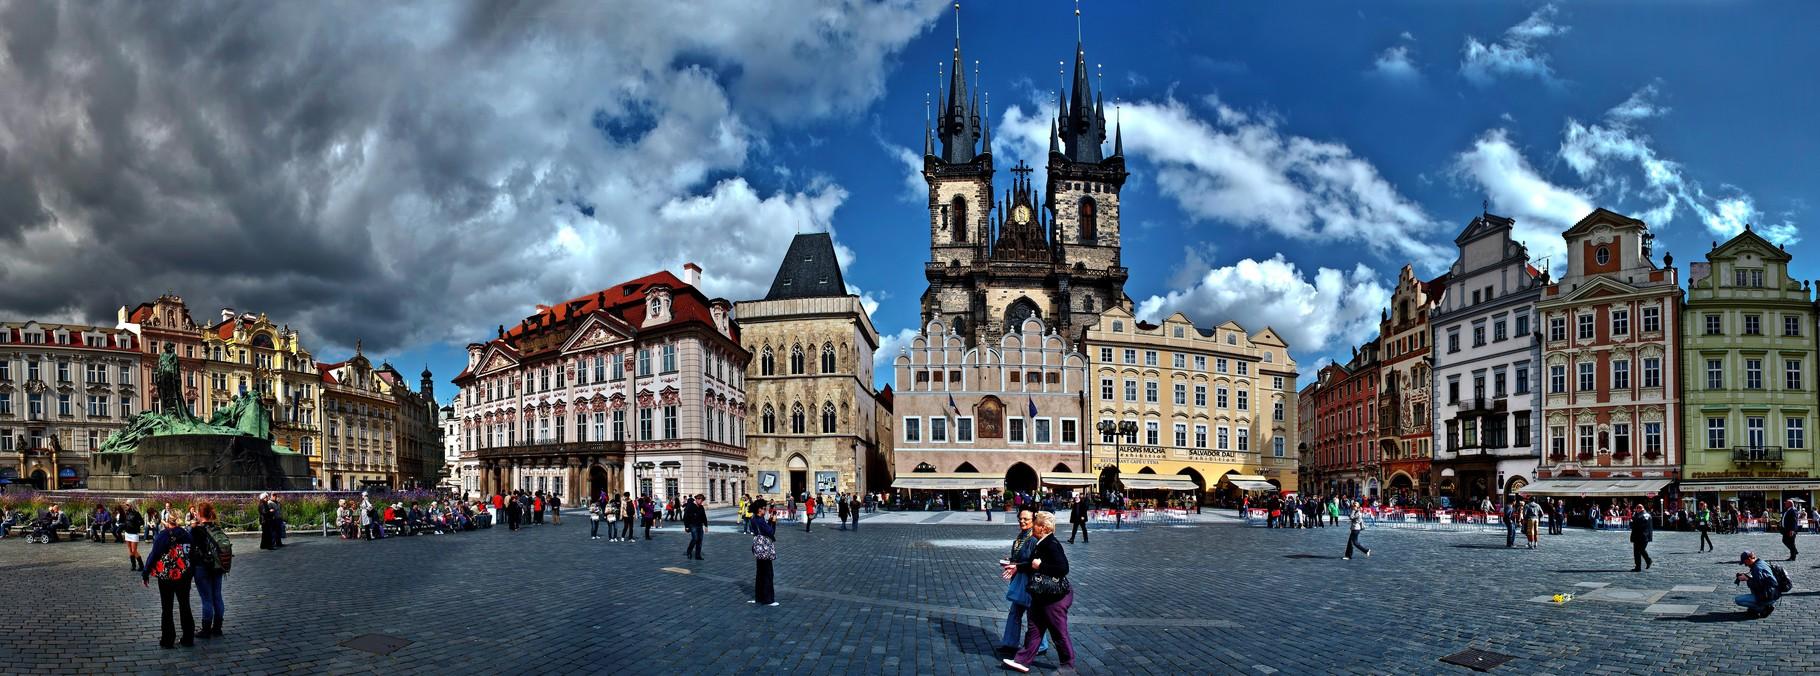 Prag/Praha CZ, 2010